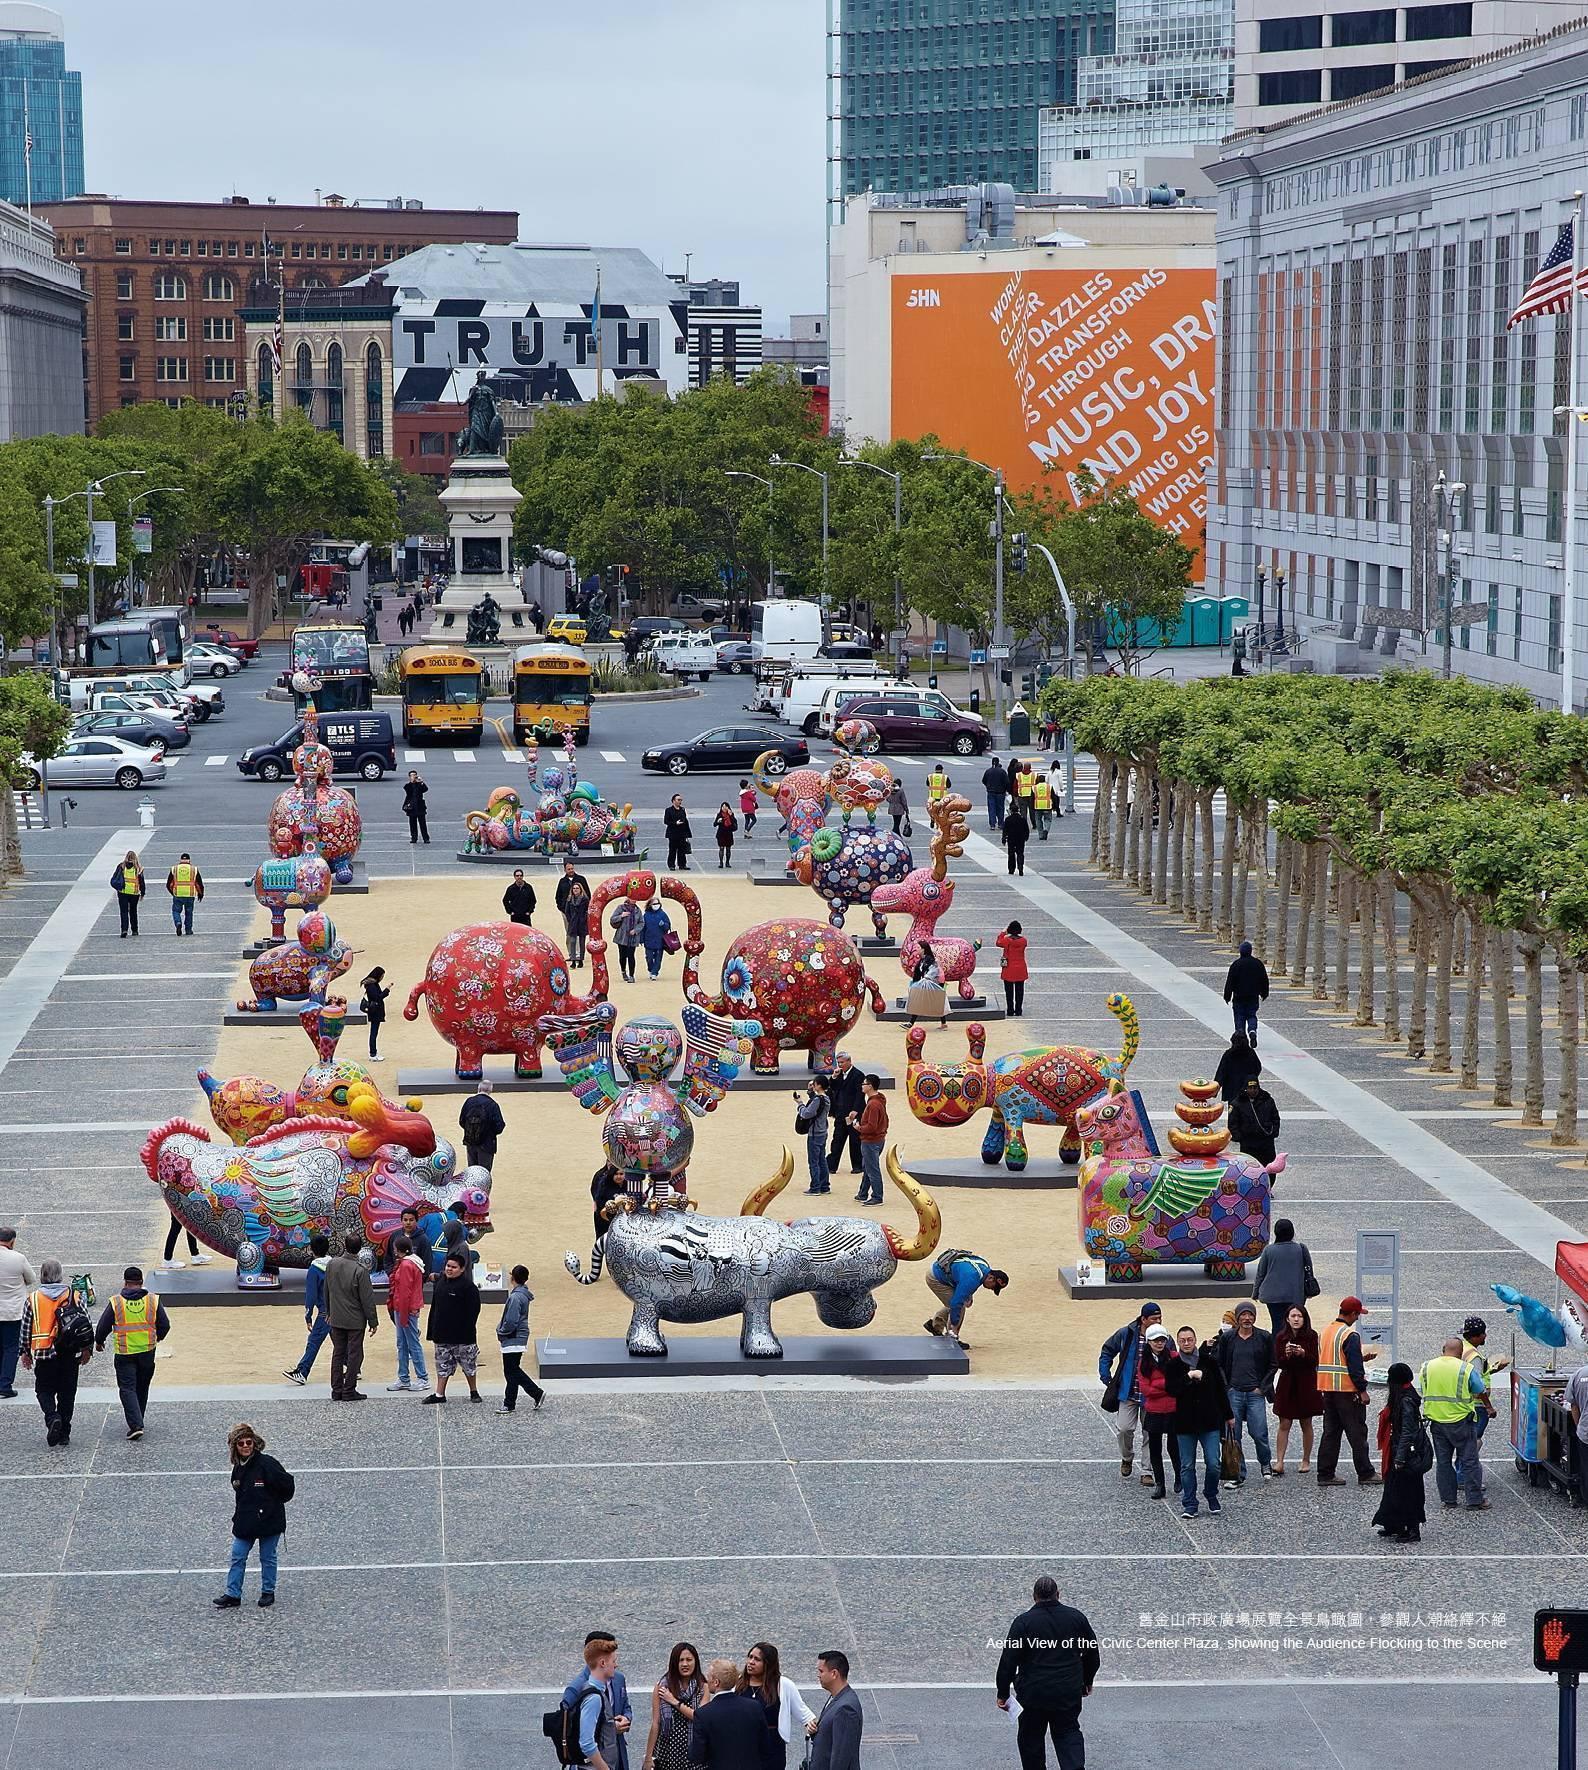 2015 美國舊金山市政中心廣場全景鳥瞰圖,洪易大型地景裝置,參觀人潮絡繹不絕